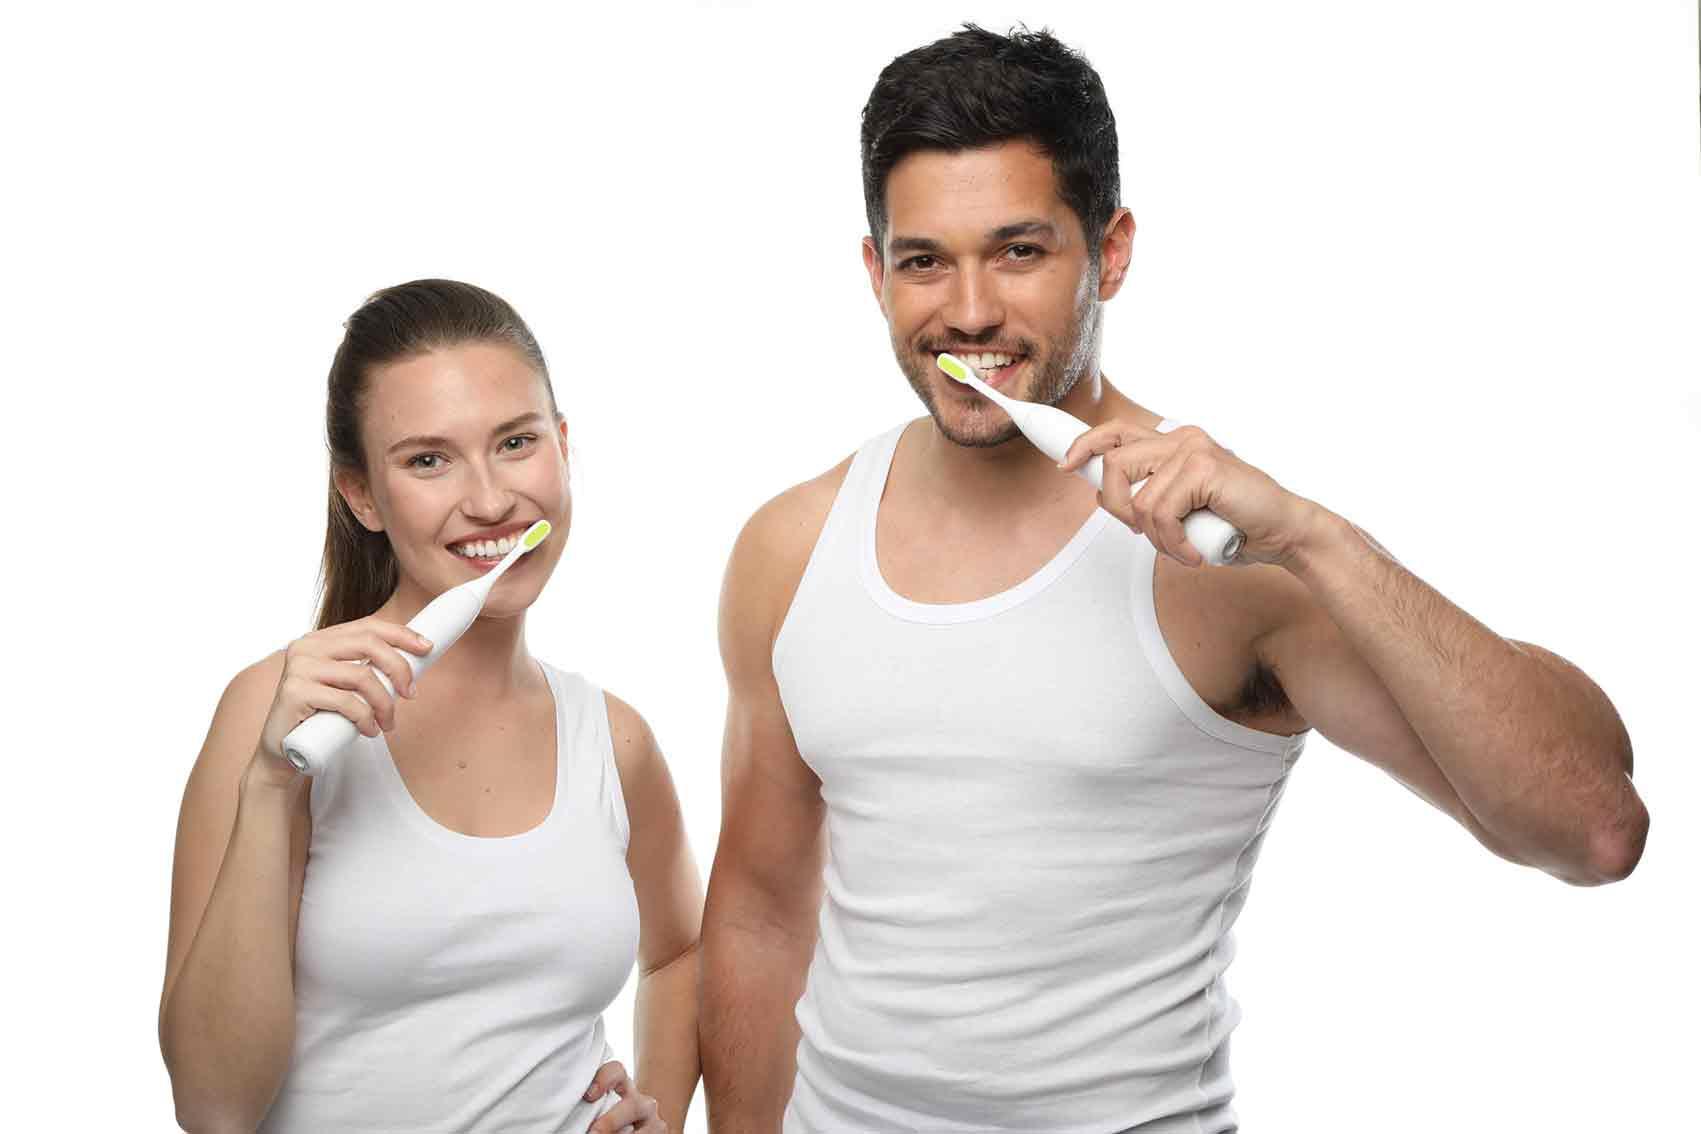 אופנה-פטנט-ישראלי-מברשת-שיניים-חשמלית-toothwave-של-חברת-סילקן-.-צילום-דן-לב